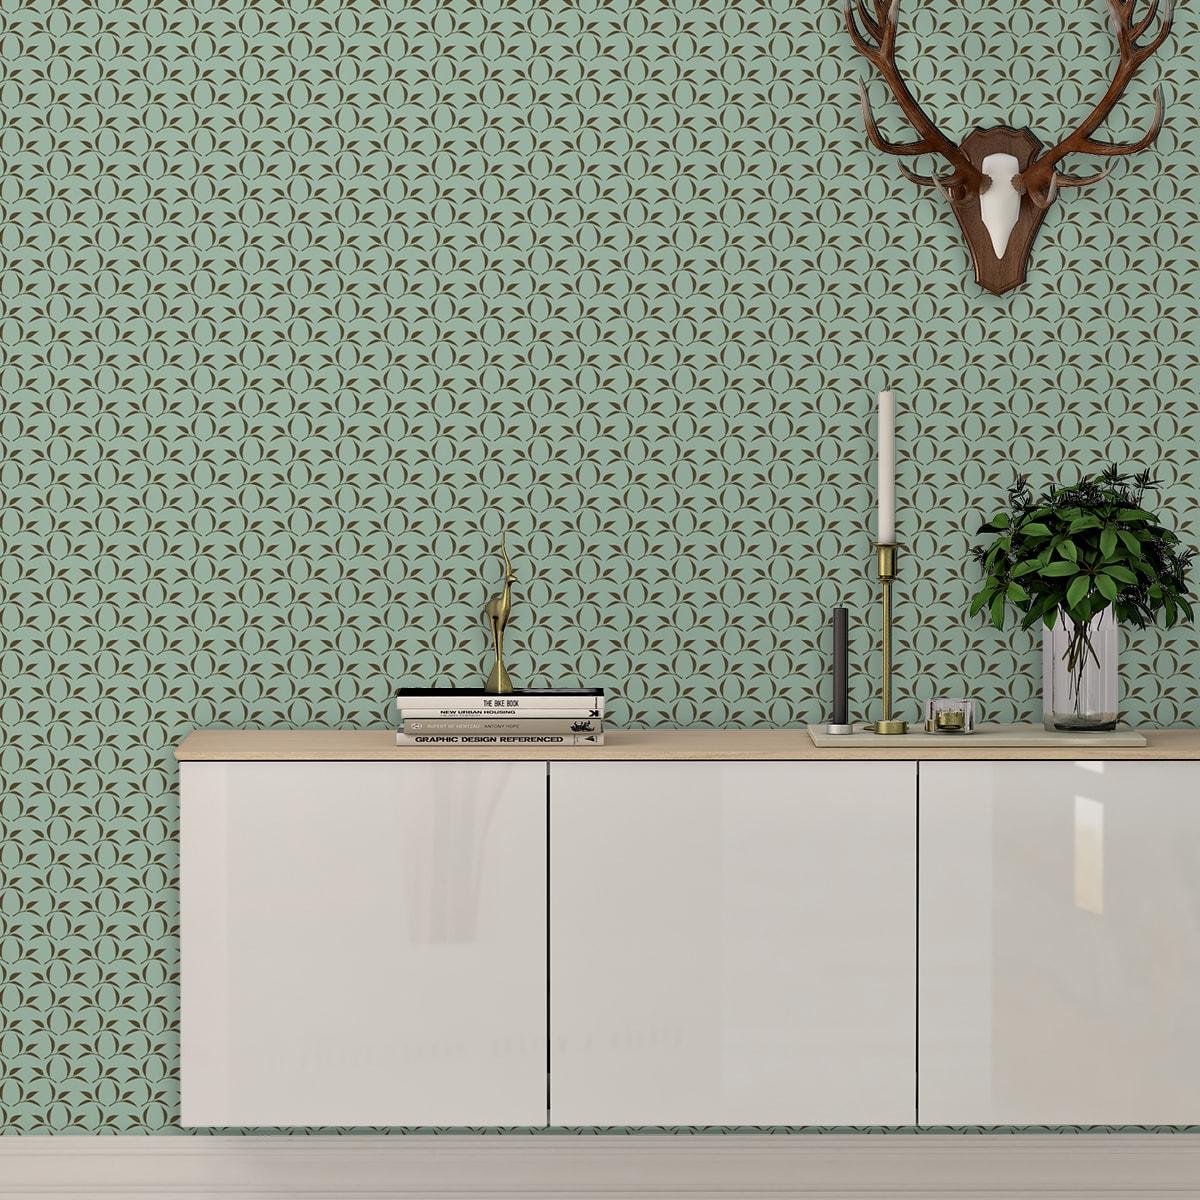 Schlafzimmer tapezieren in braun: Tea Time Ornamenttapete mit Tee Blättern in mint - Design Tapete für Schlafzimmer